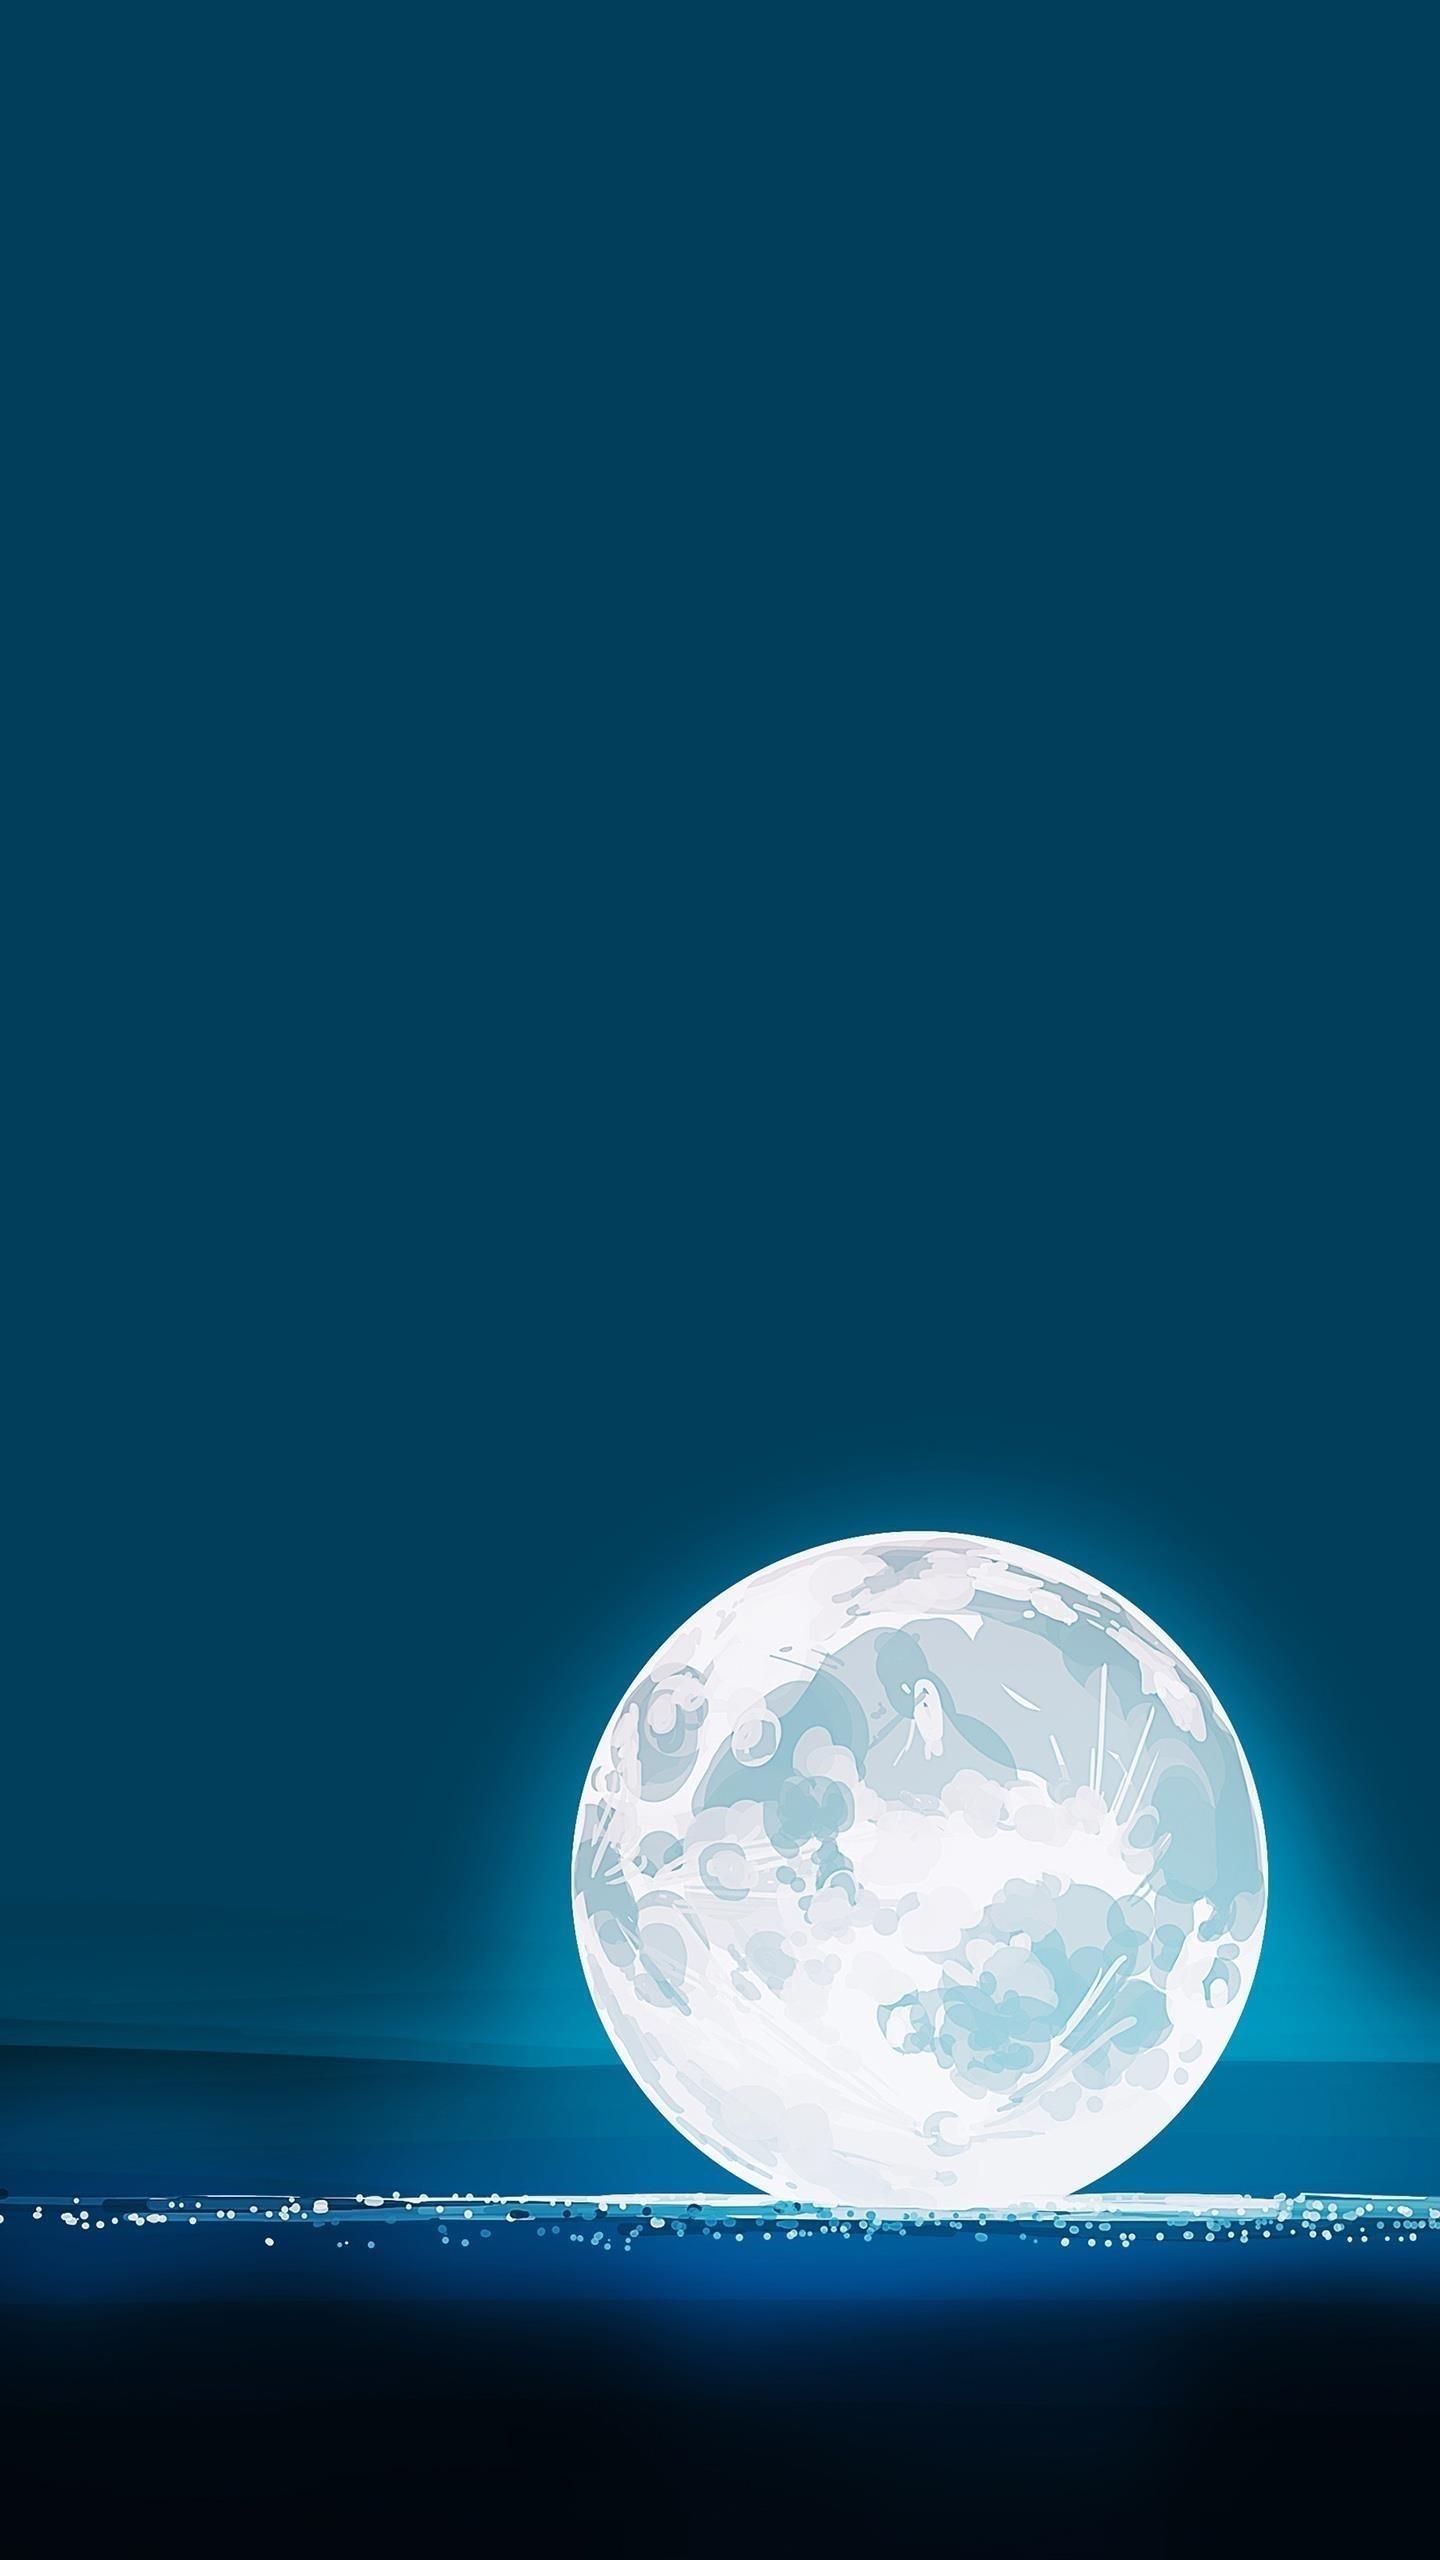 Фантазия лунного ребенка 6k обои скачать